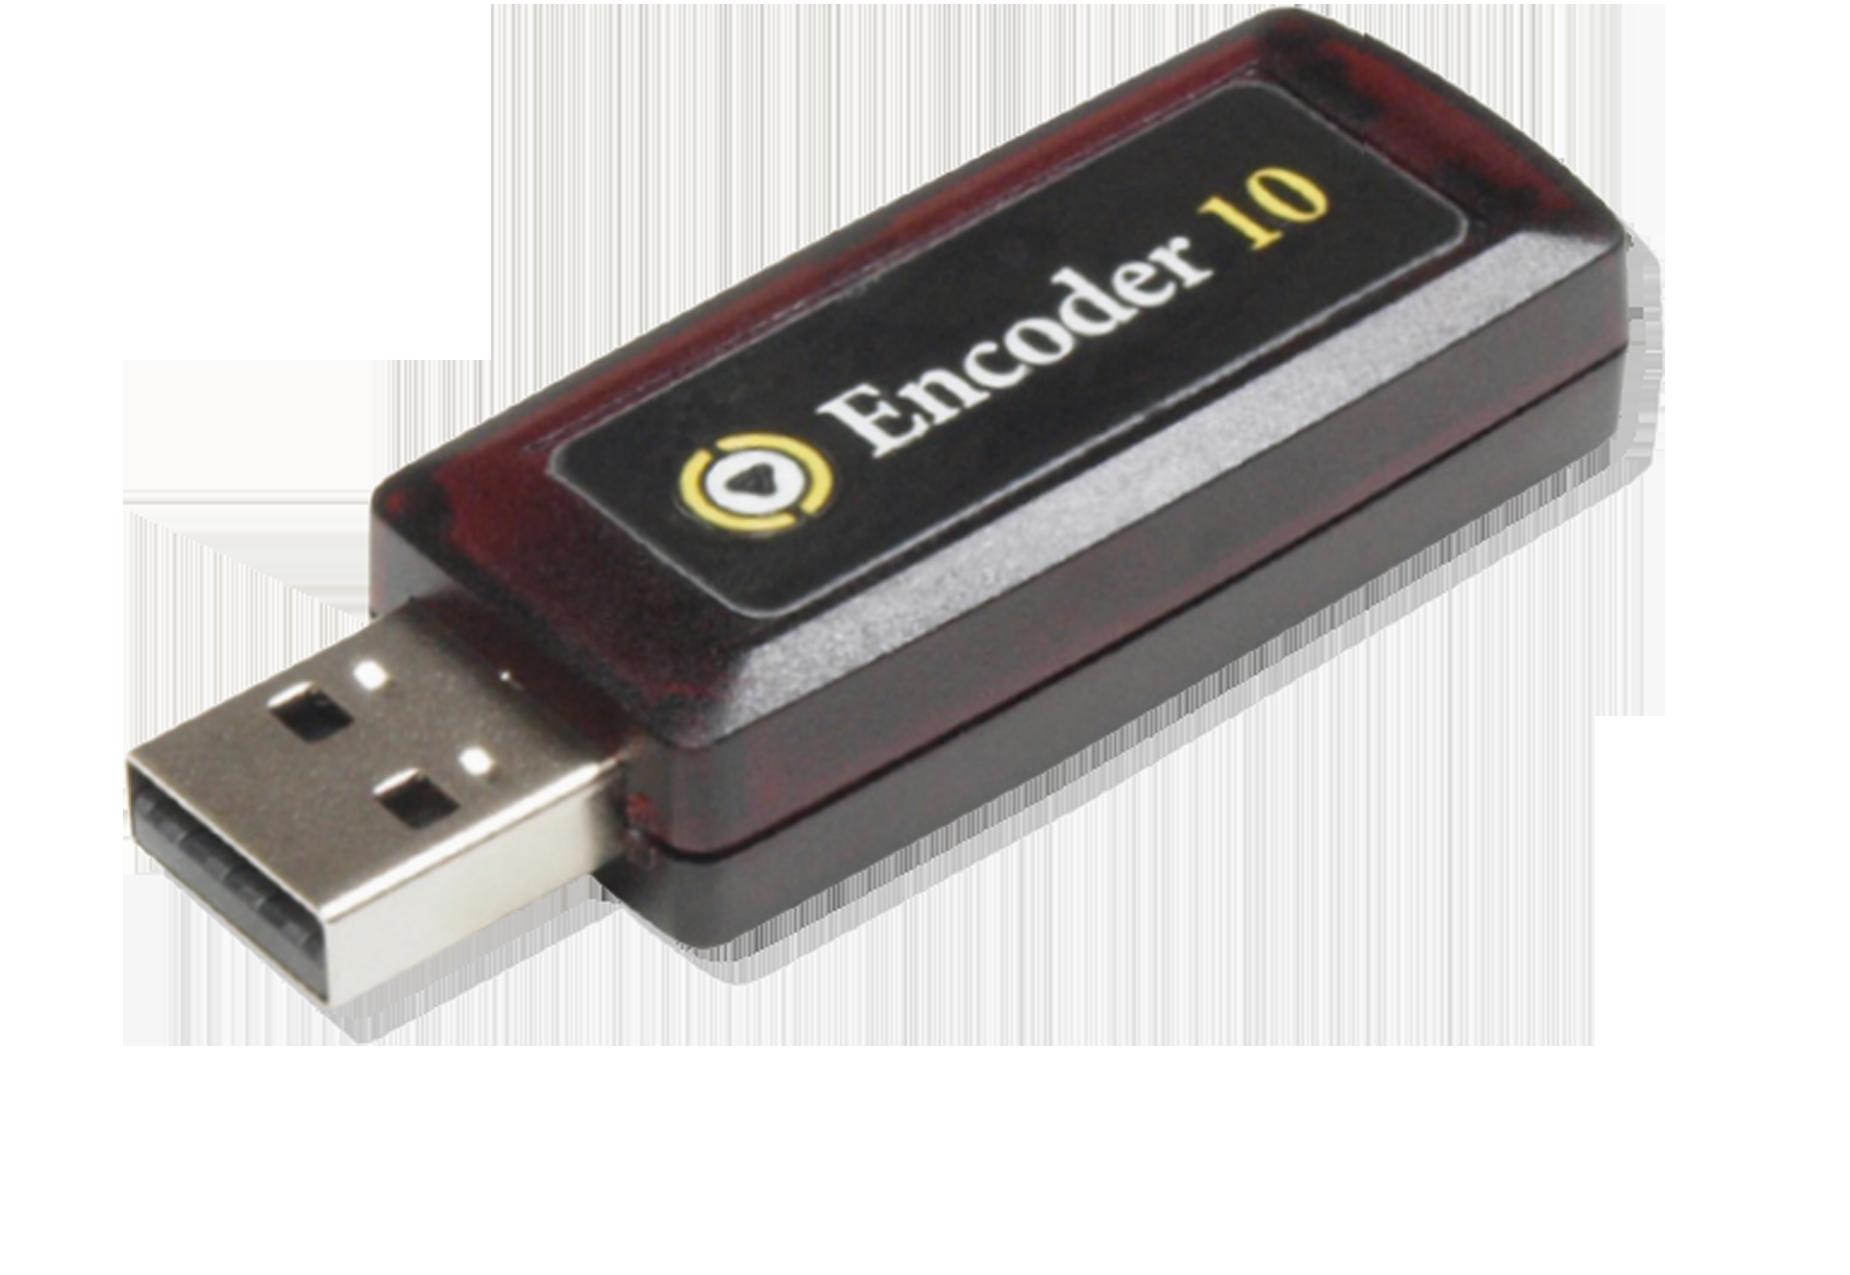 CyberKey Encoder